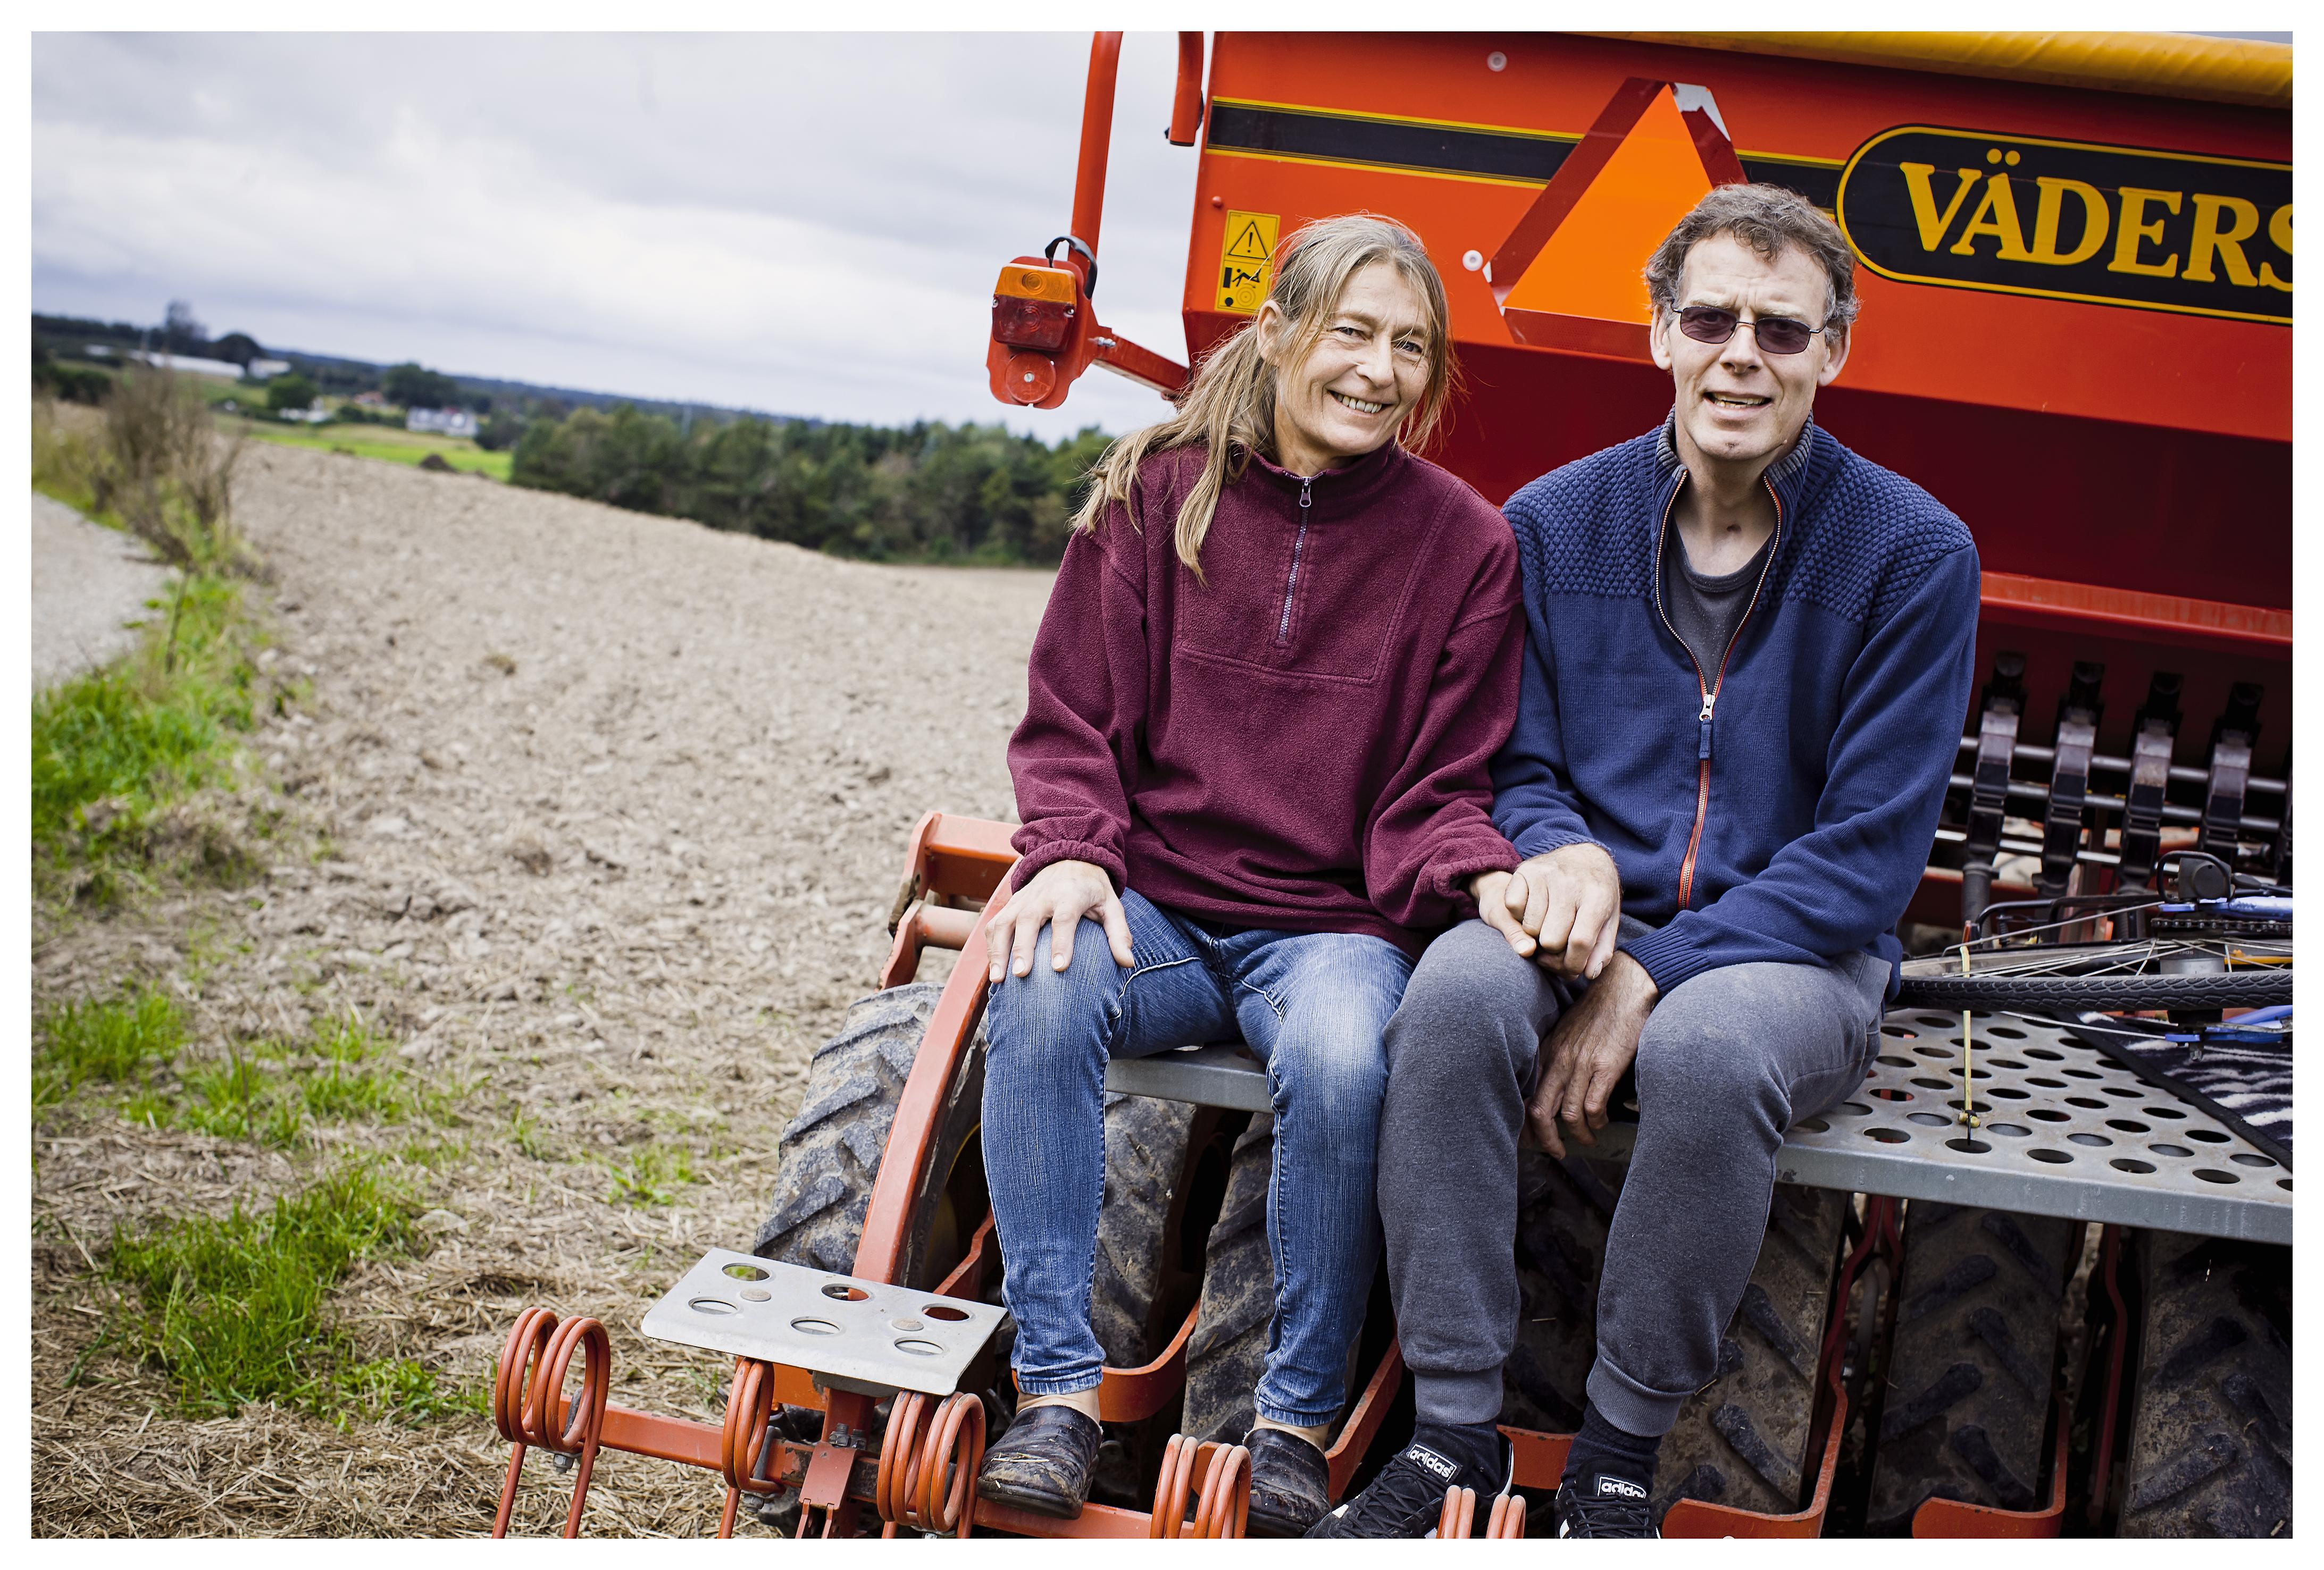 Carsten og Gitte ar formået at bevare kærligheden, selvom Gitte til tider har været frustreret, og det har været hårdt.